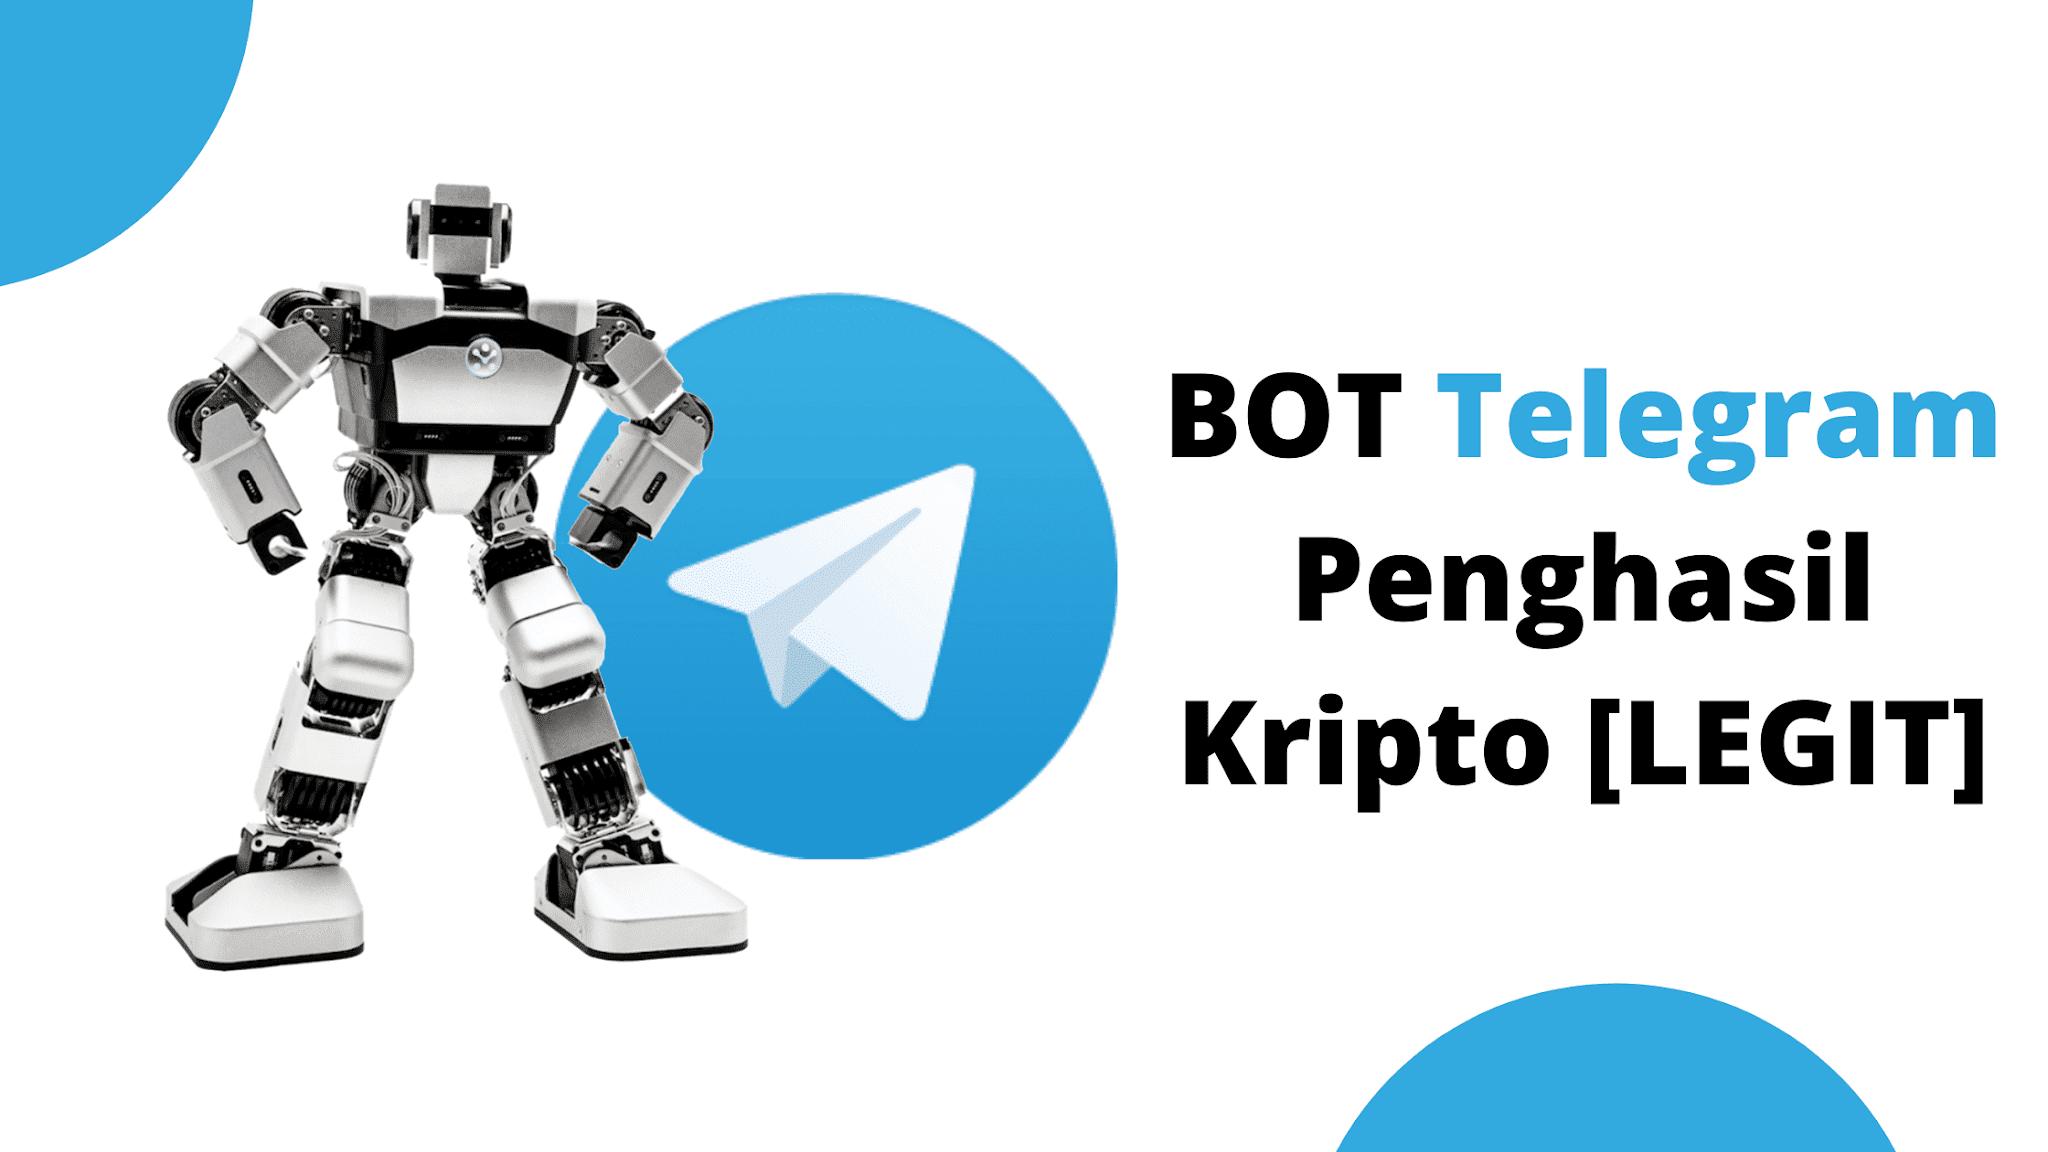 Daftar BOT Telegram Penghasil Kripto [LEGIT] tahun ini